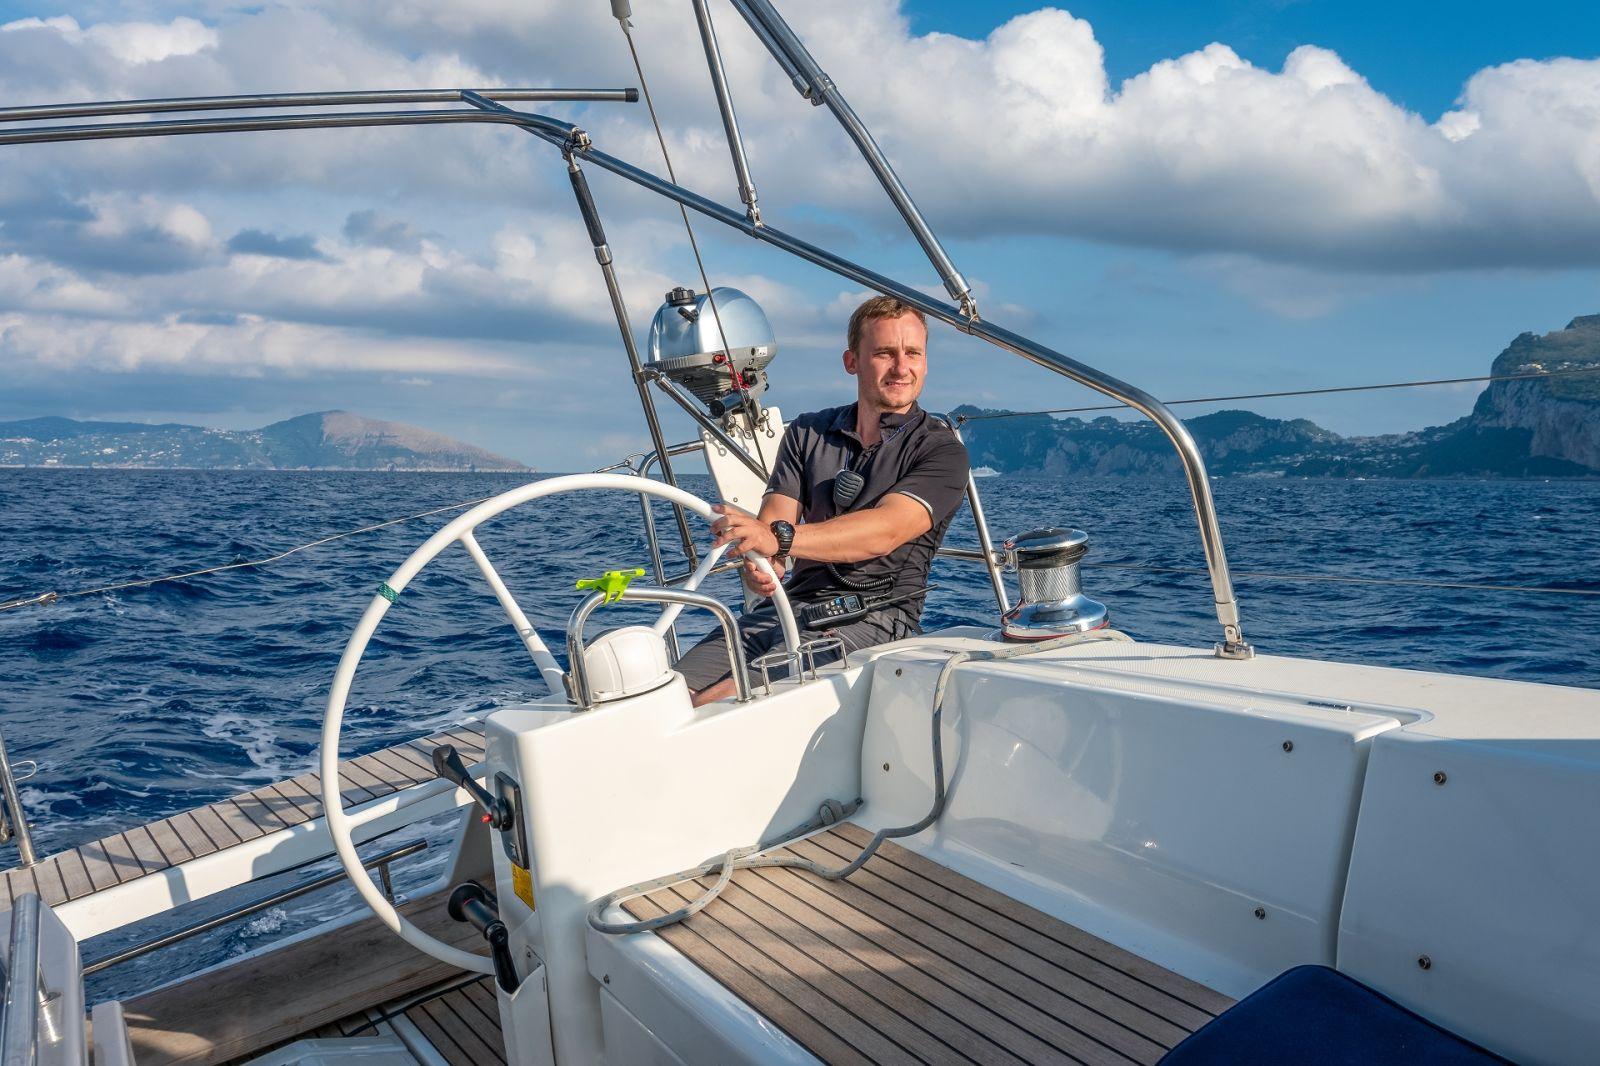 Der Skipper als Ihr Kapitän übernimmt die Steuerung und Navigation und sorgt für Sicherheit auf Ihrem Segeltörn. ©AlexanderNikiforov/AdobeStock